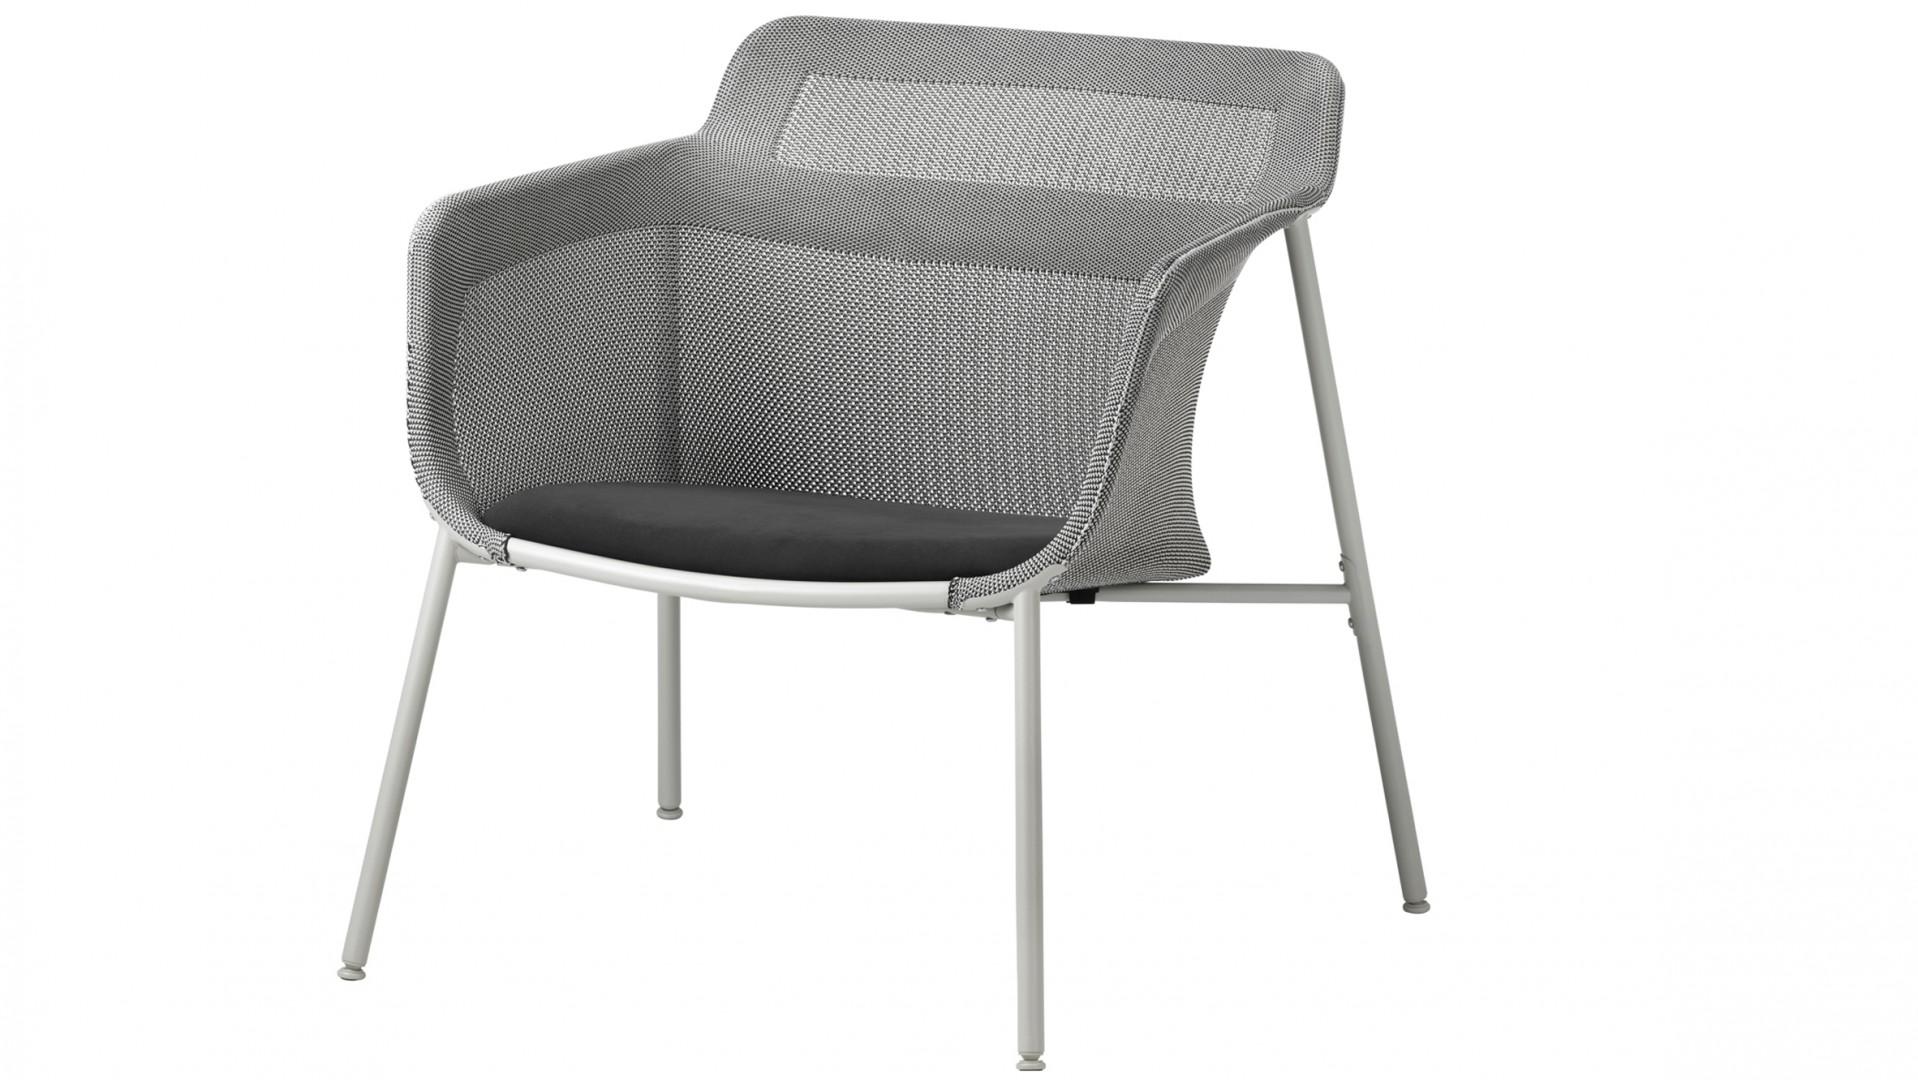 Krzesło z kolekcji PS 2017 IKEA z elementami wyprodukowanymi w technologii 3D. Fot. IKEA